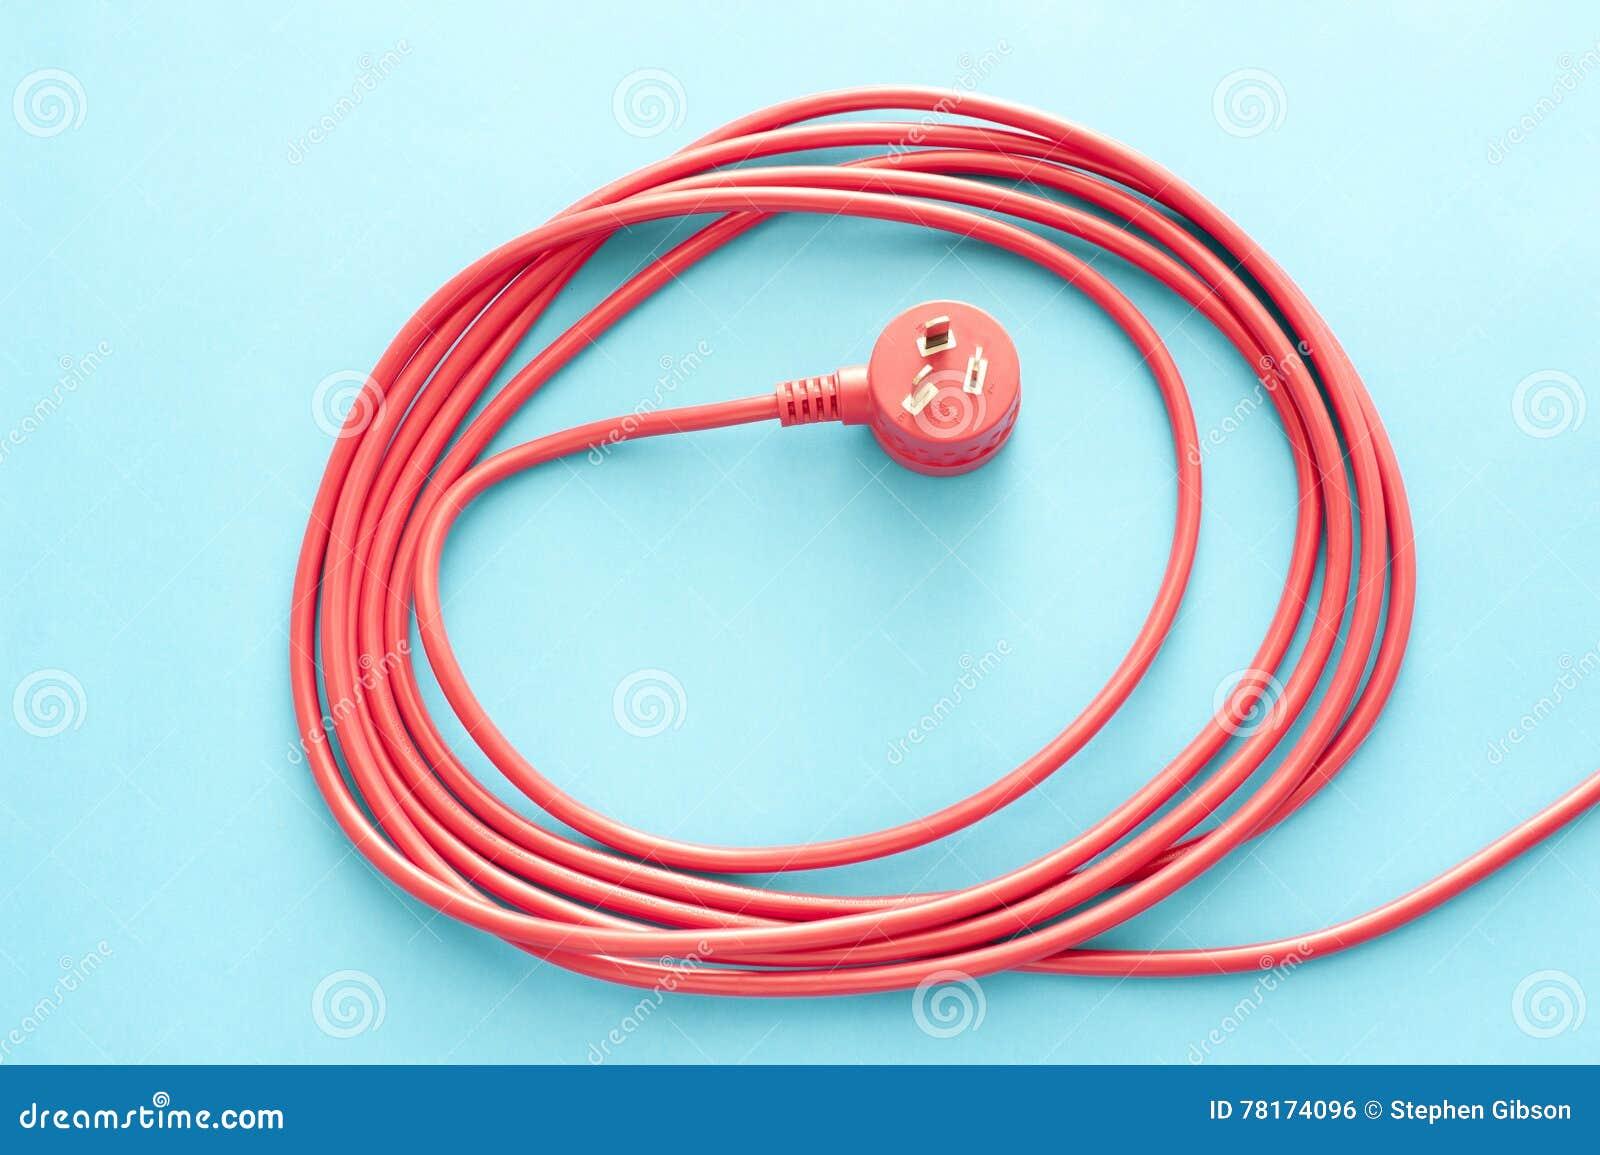 Aufgerolltes Rotes Elektrisches Kabel Oder Führung Mit Stecker .